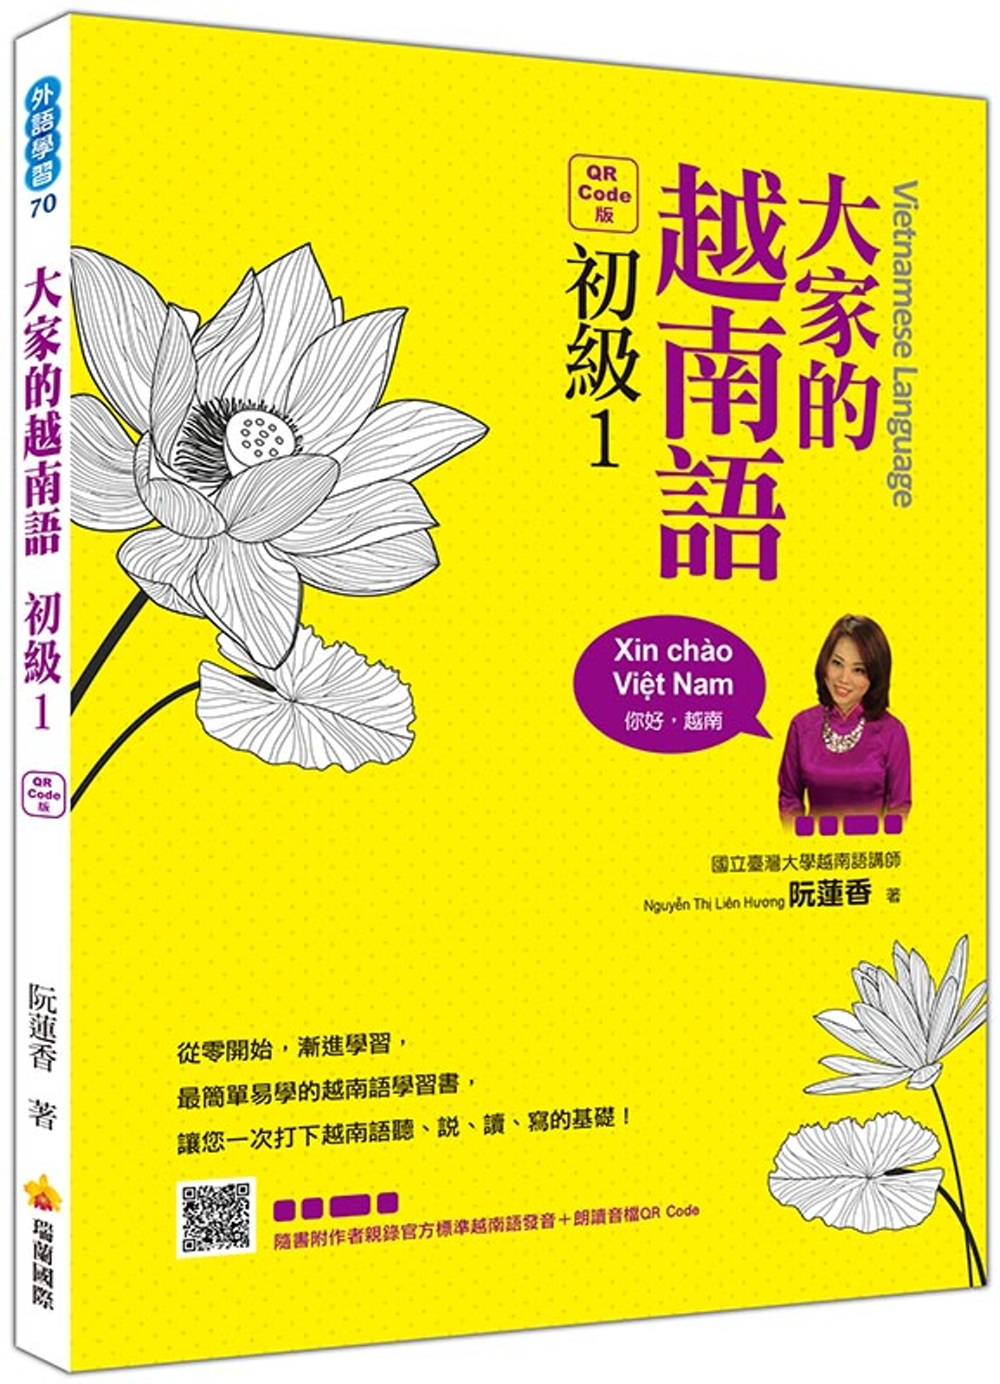 大家的越南語初級1QR Code版(隨書附作者親錄官方標準越南語發音+朗讀音檔QR Code)